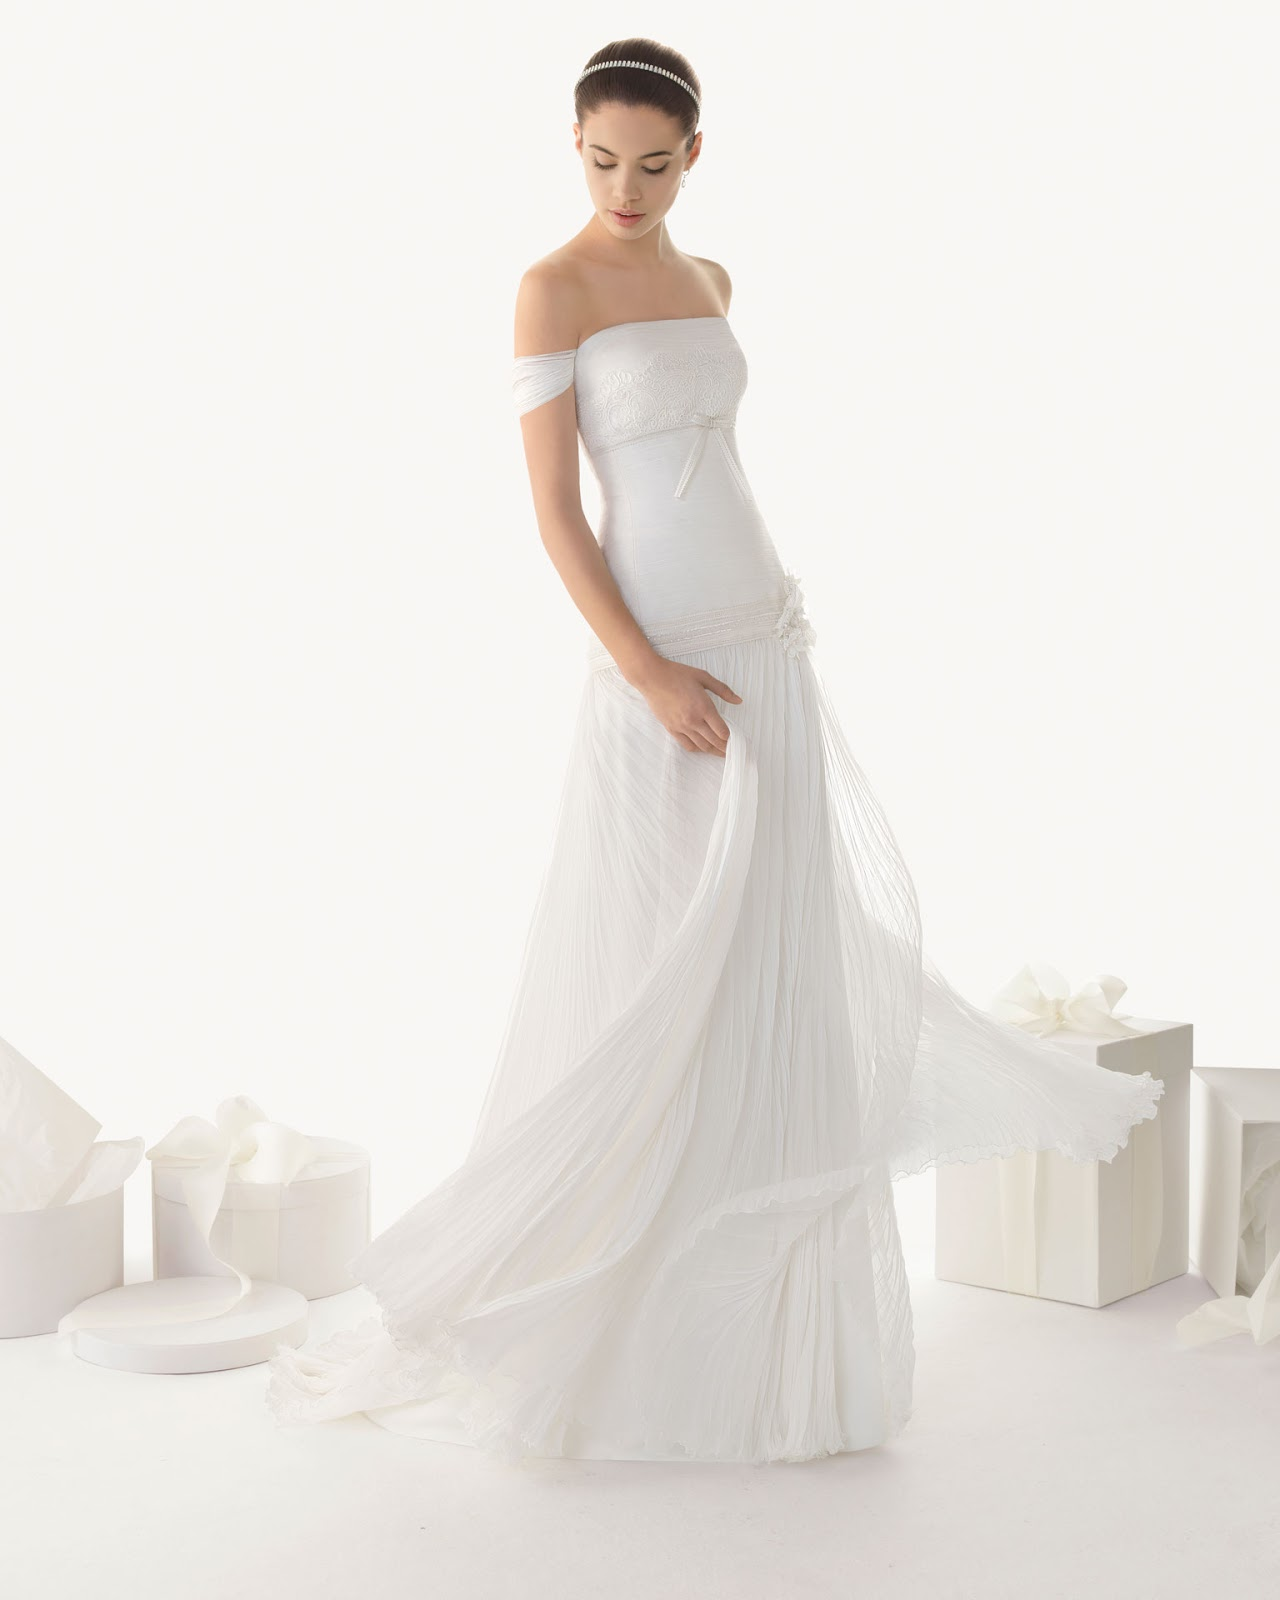 Vestidos de novia Springfield Mo